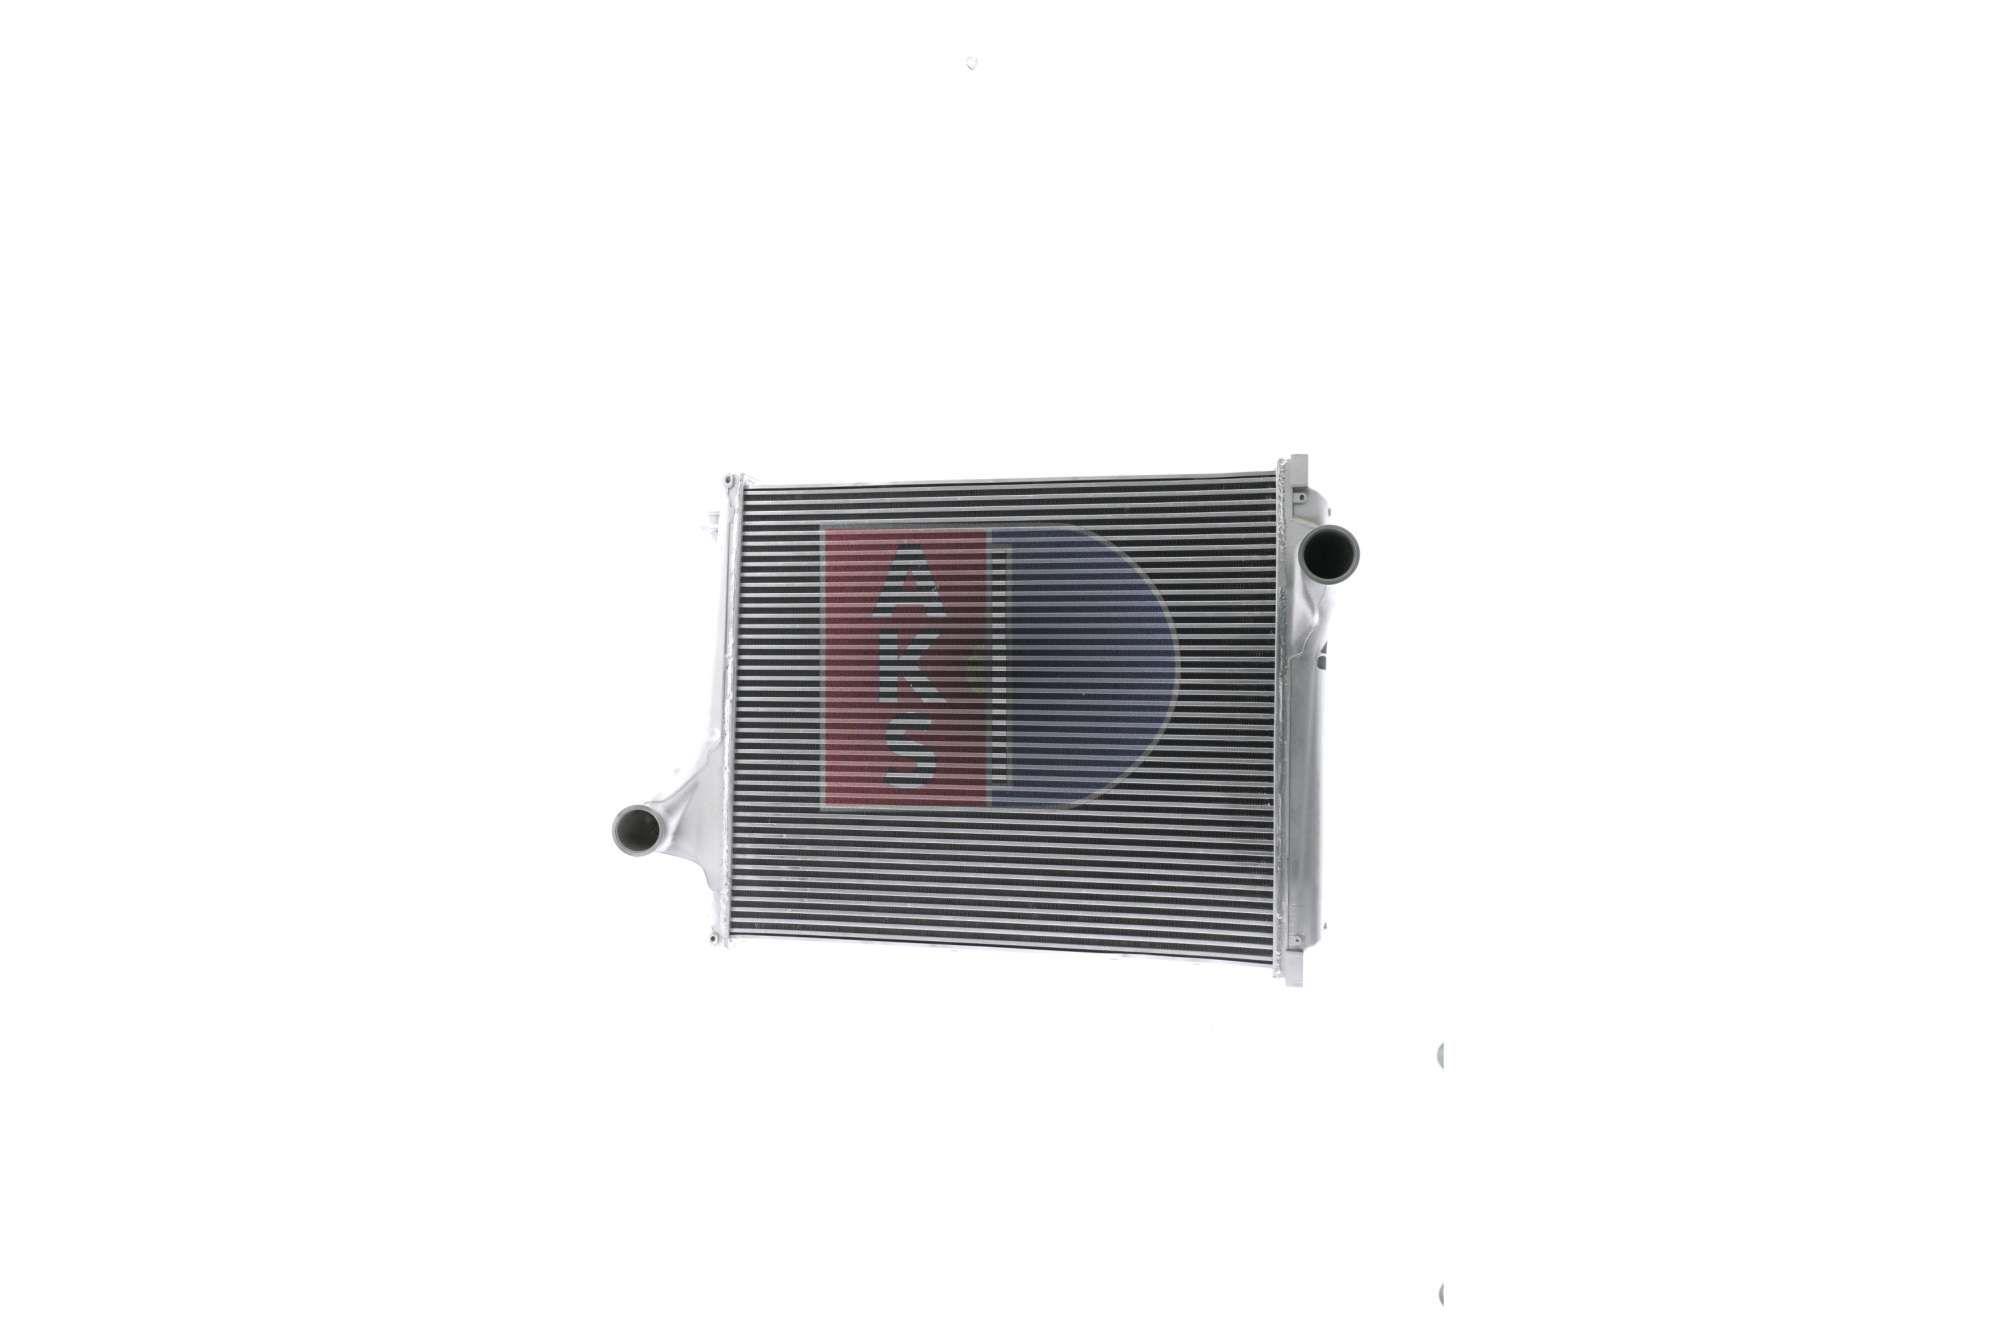 Ladeluftkühler AKS DASIS 287015N mit 31% Rabatt kaufen